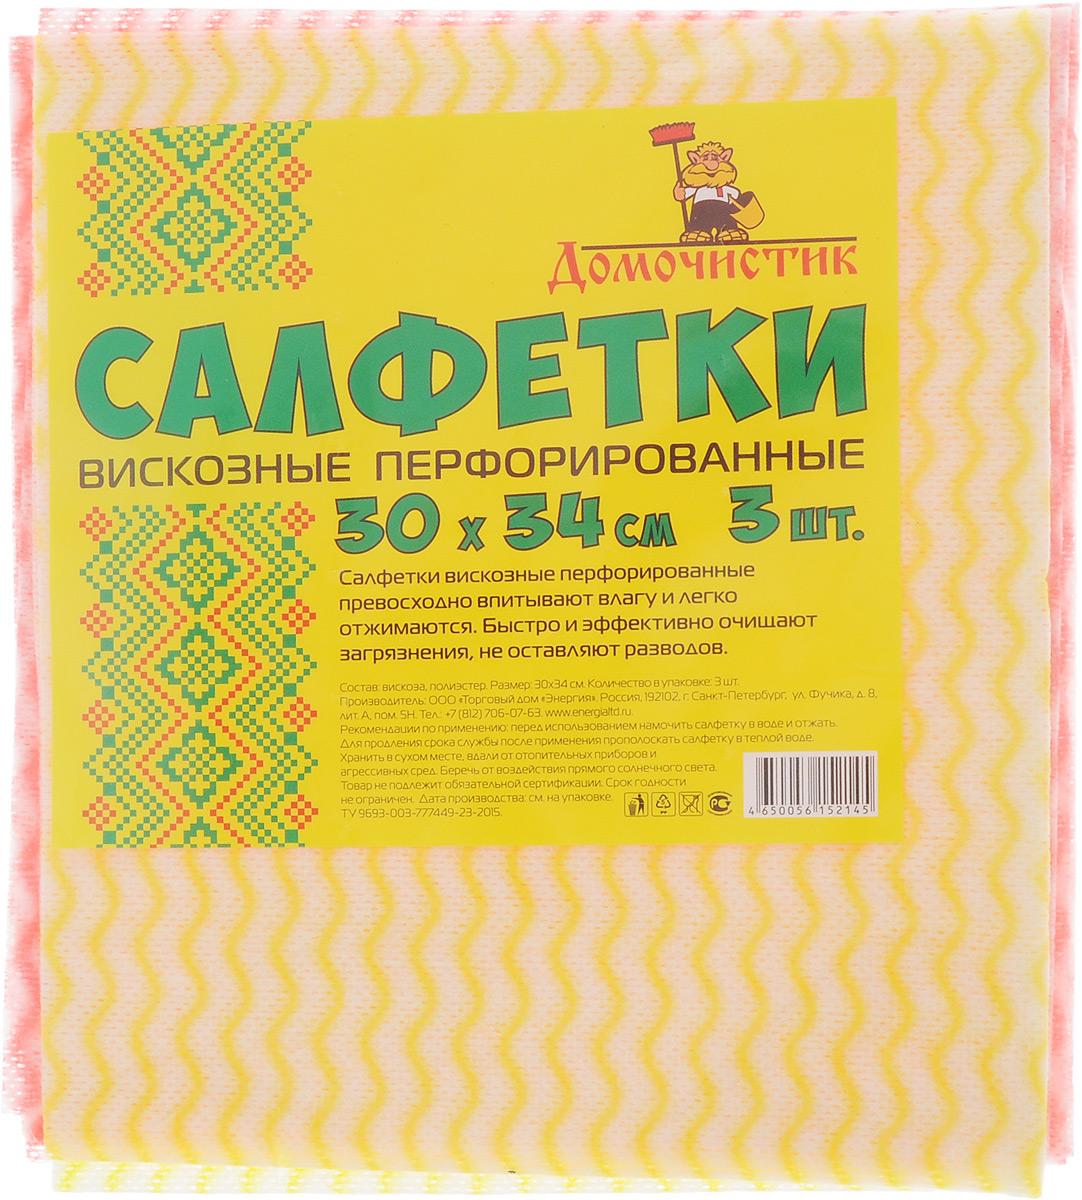 Салфетка для уборки Домочистик из вискозы, перфорированная, цвет: красный, желтый, белый, 30 x 34 см, 3 шт. 13006391602Перфорированные вискозные салфетки для уборки Домочистик превосходно впитывают влагу и легко отжимаются. Быстро и эффективно очищают загрязнения, не оставляют разводов. В комплект входят 3 салфетки.